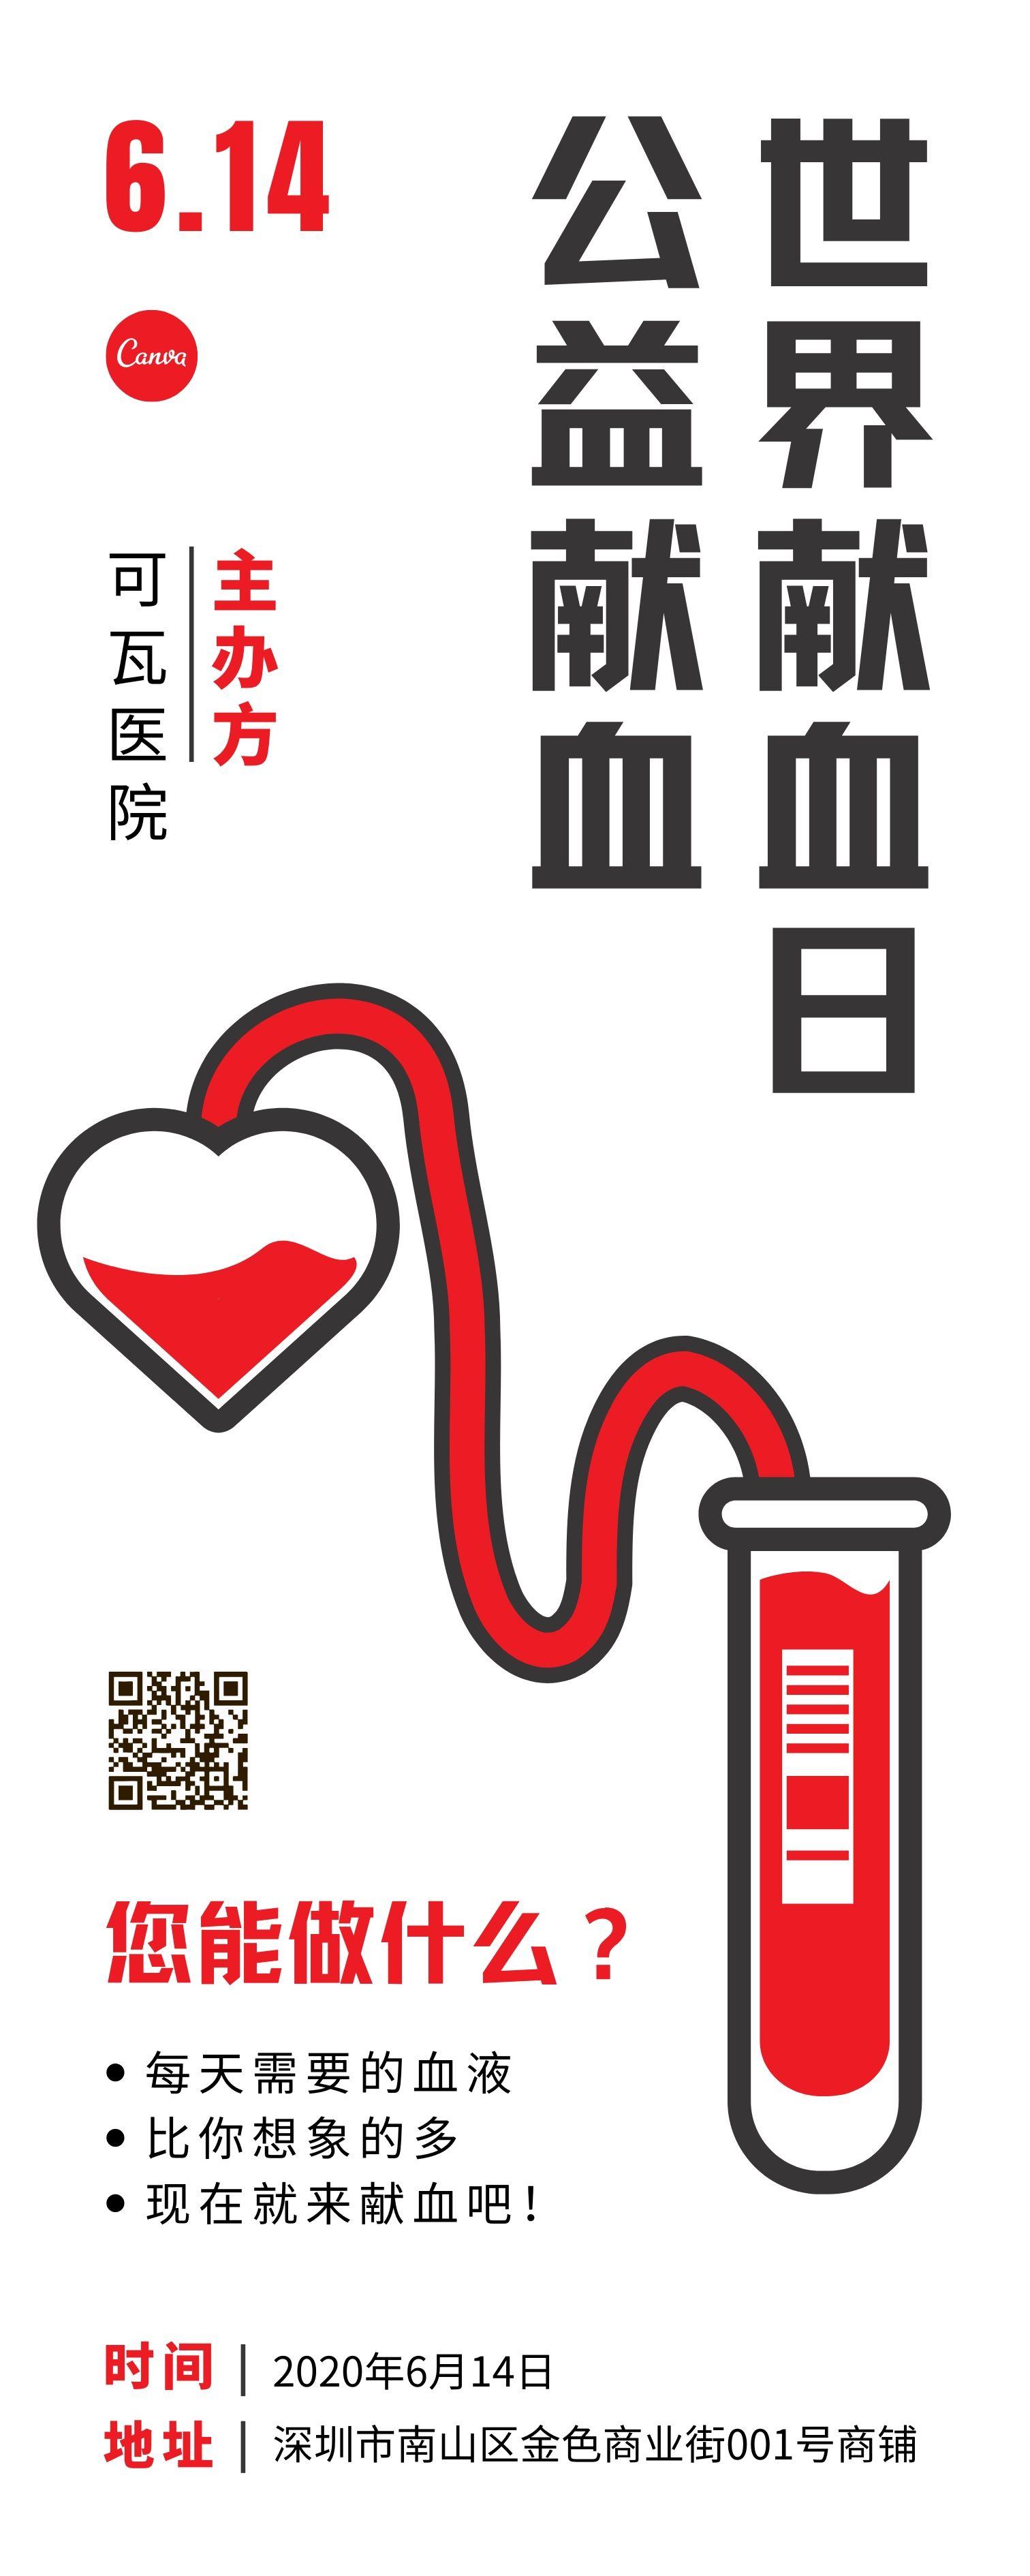 世界献血日易拉宝